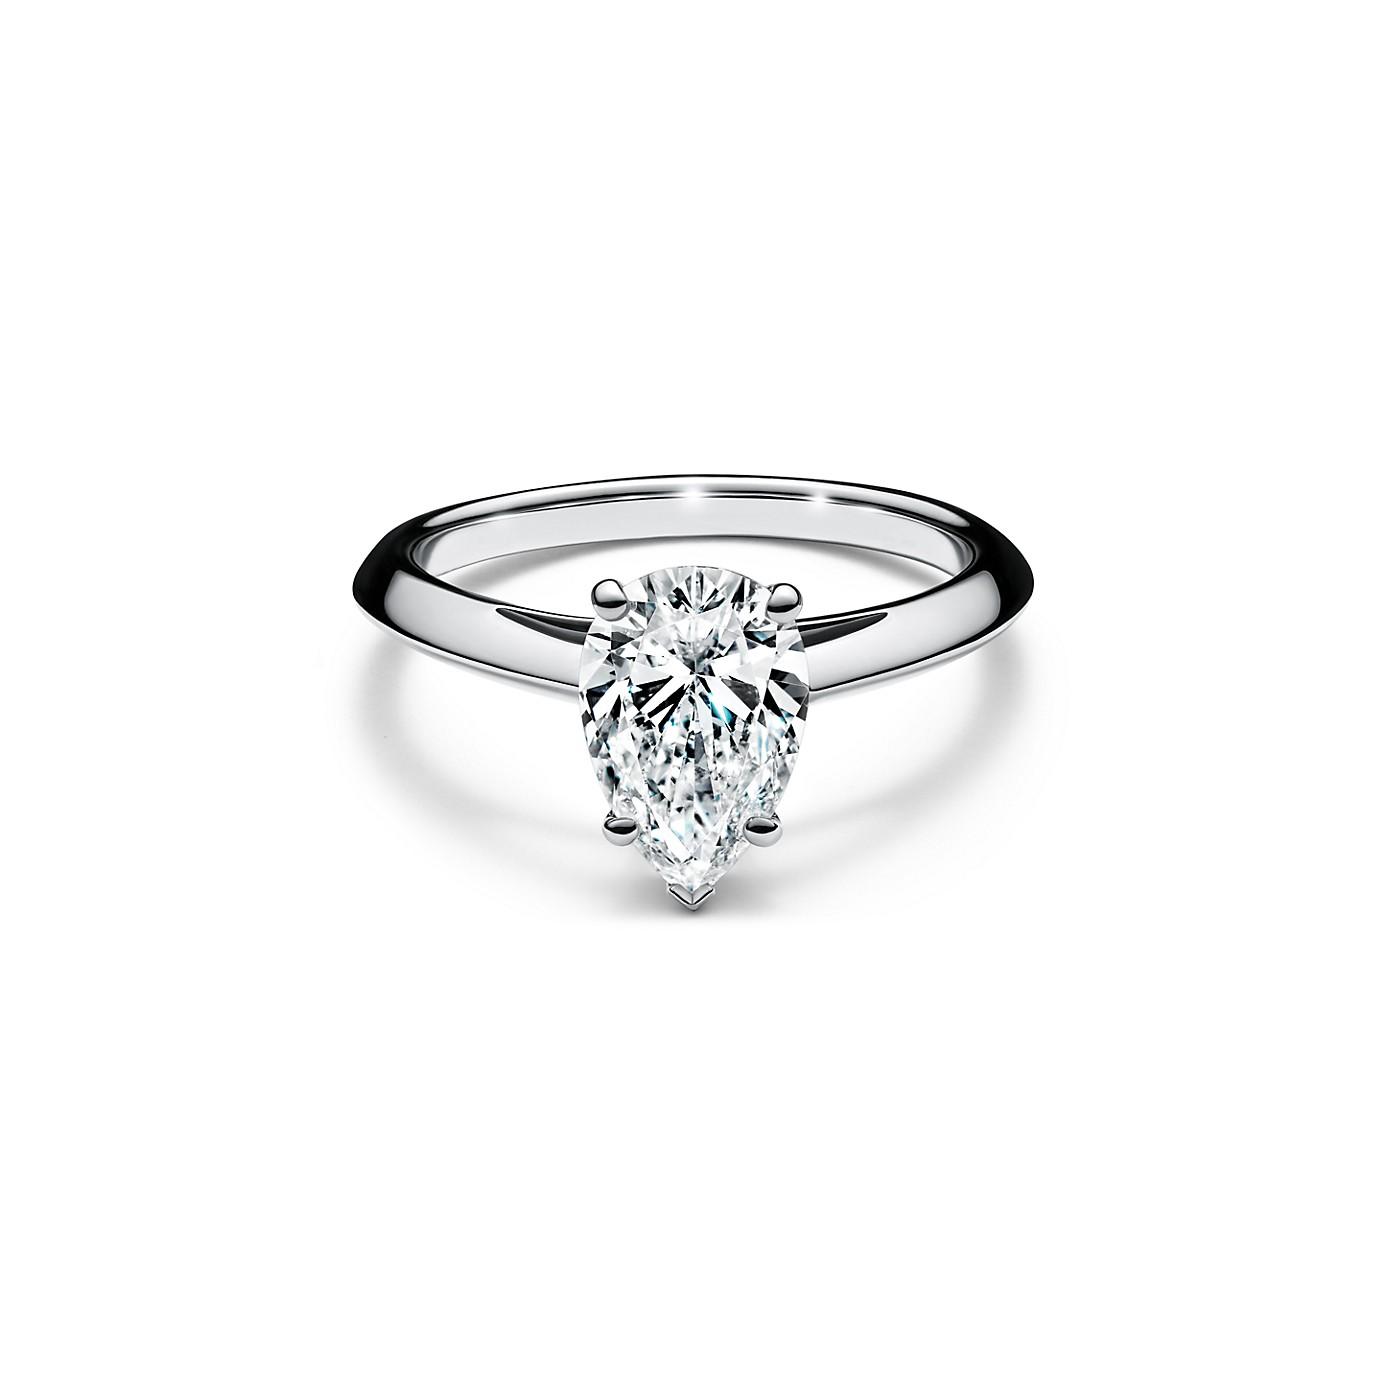 ペアシェイプ ダイヤモンド エンゲージメント リング(1)―Tiffany & Co.(ティファニー)